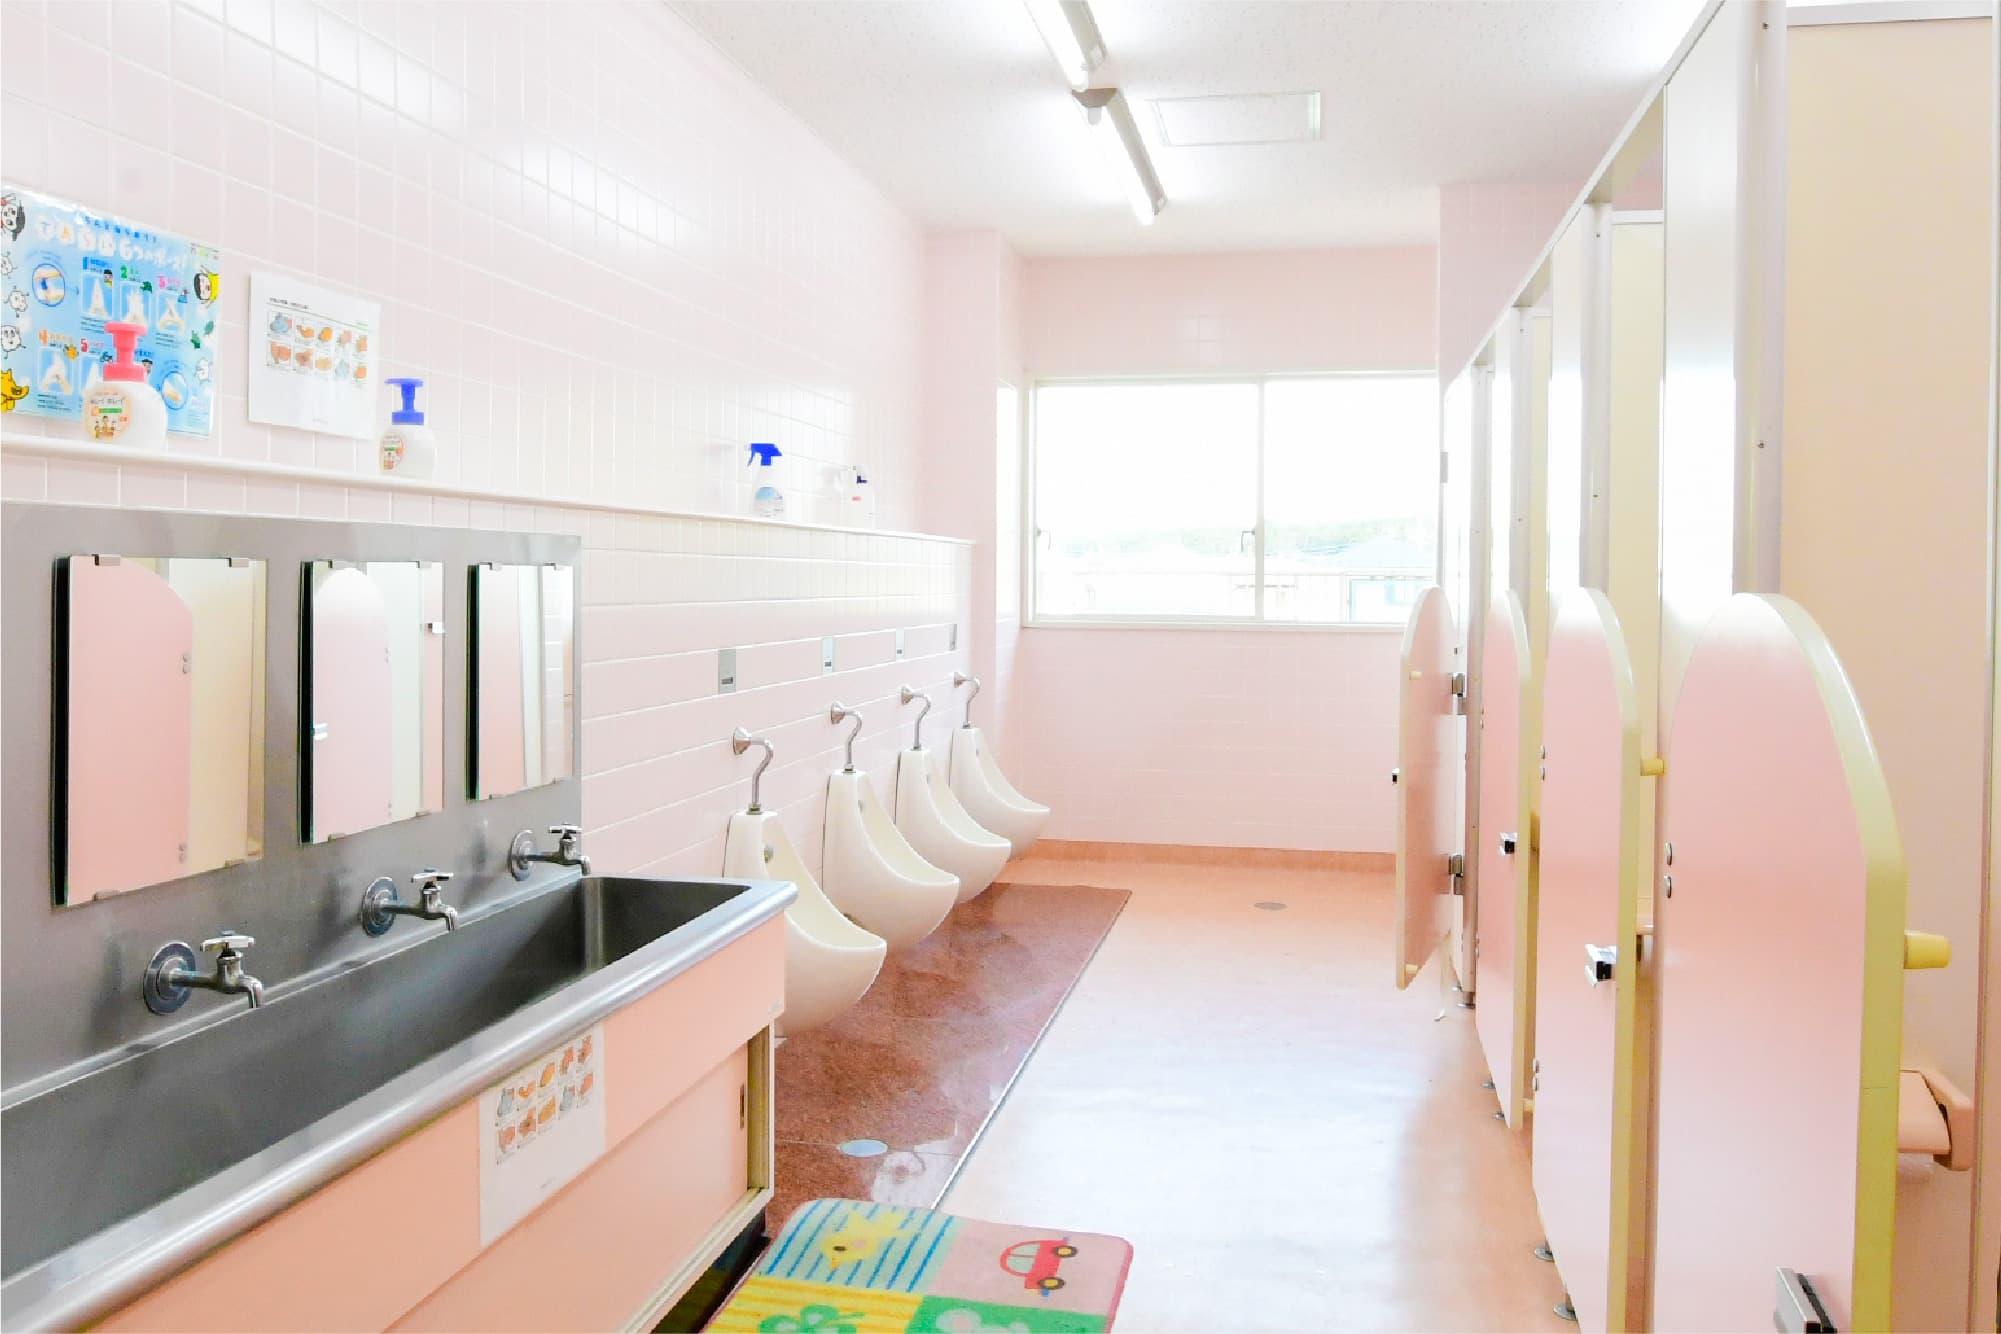 ピンクを基調とした明るいトイレ